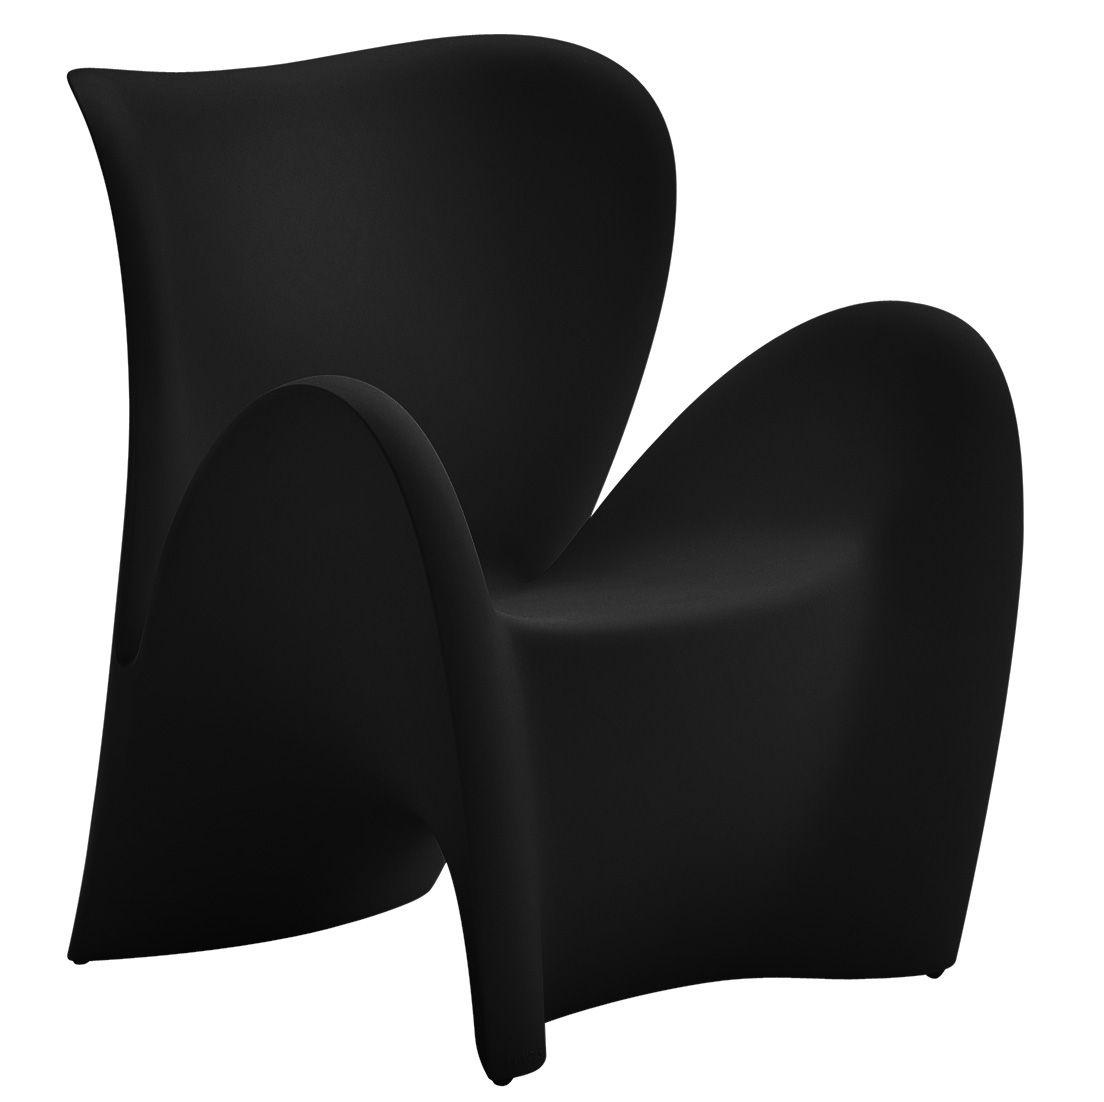 Arredamento - Poltrone design  - Poltrona Lily di MyYour - Nero opaco - Materiale plastico